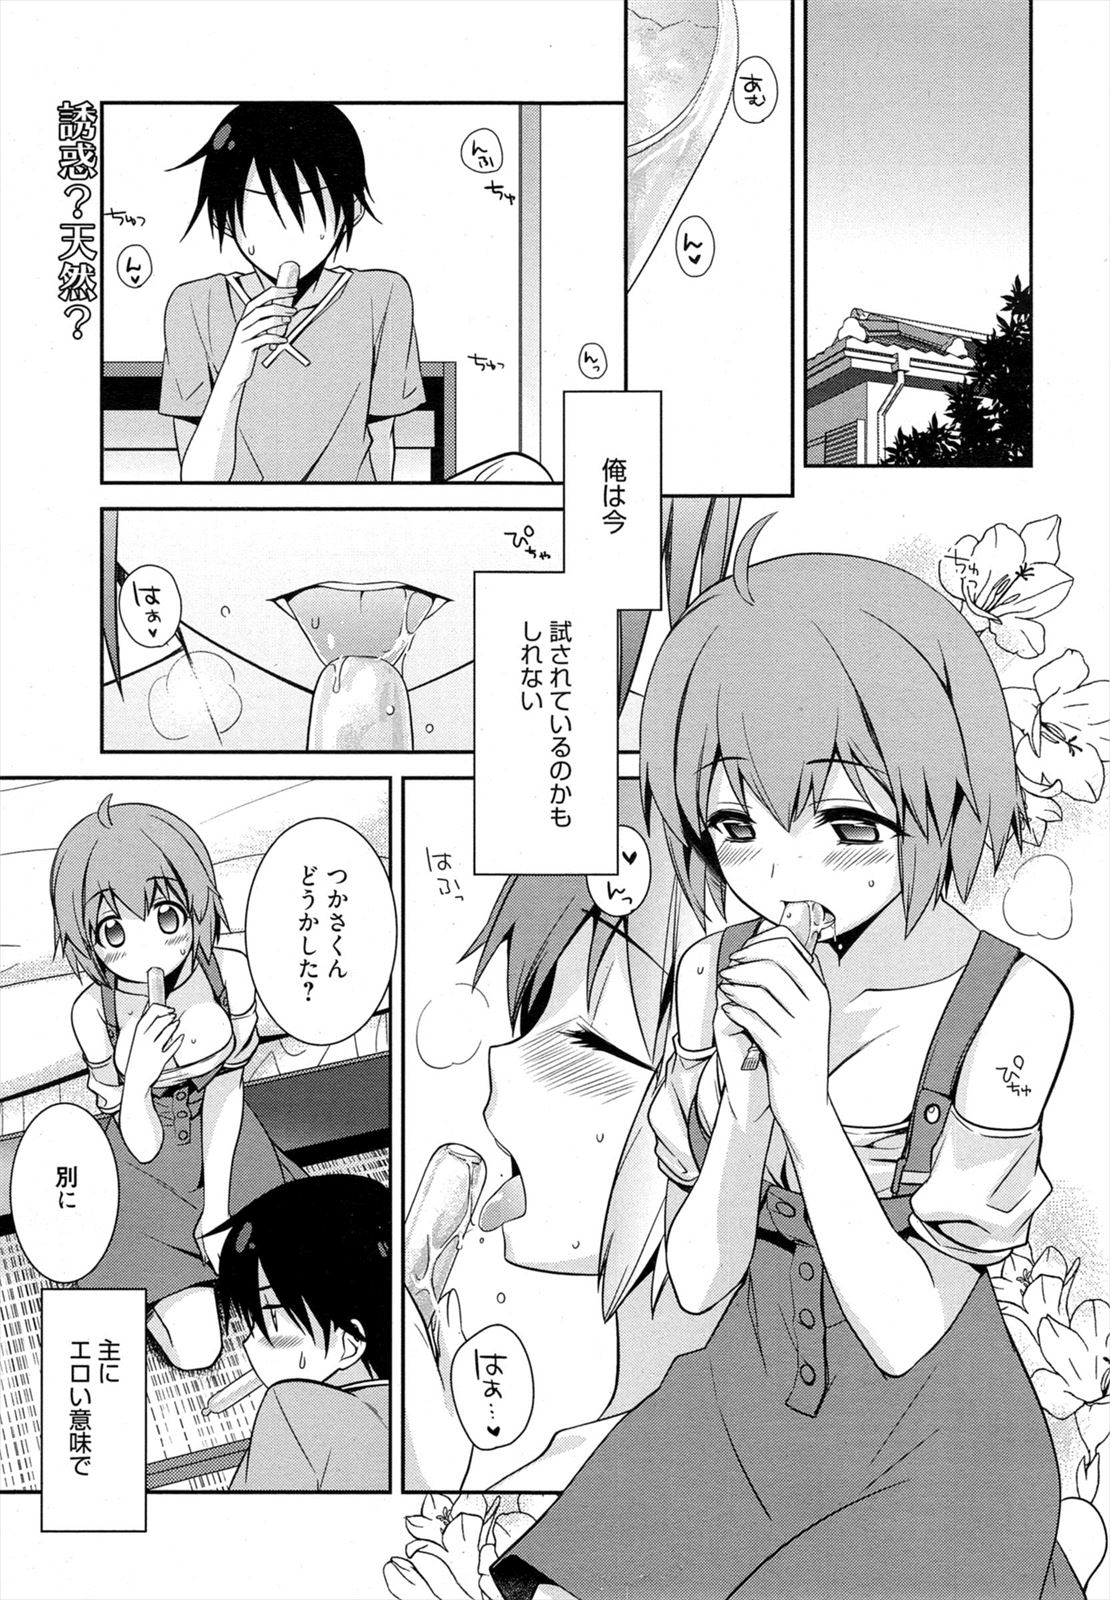 【エロ漫画】巨乳な彼女に誘惑されていて、何とか我慢してきたが限界を迎えると彼女は直接エッチがしたいと言ってくる!!